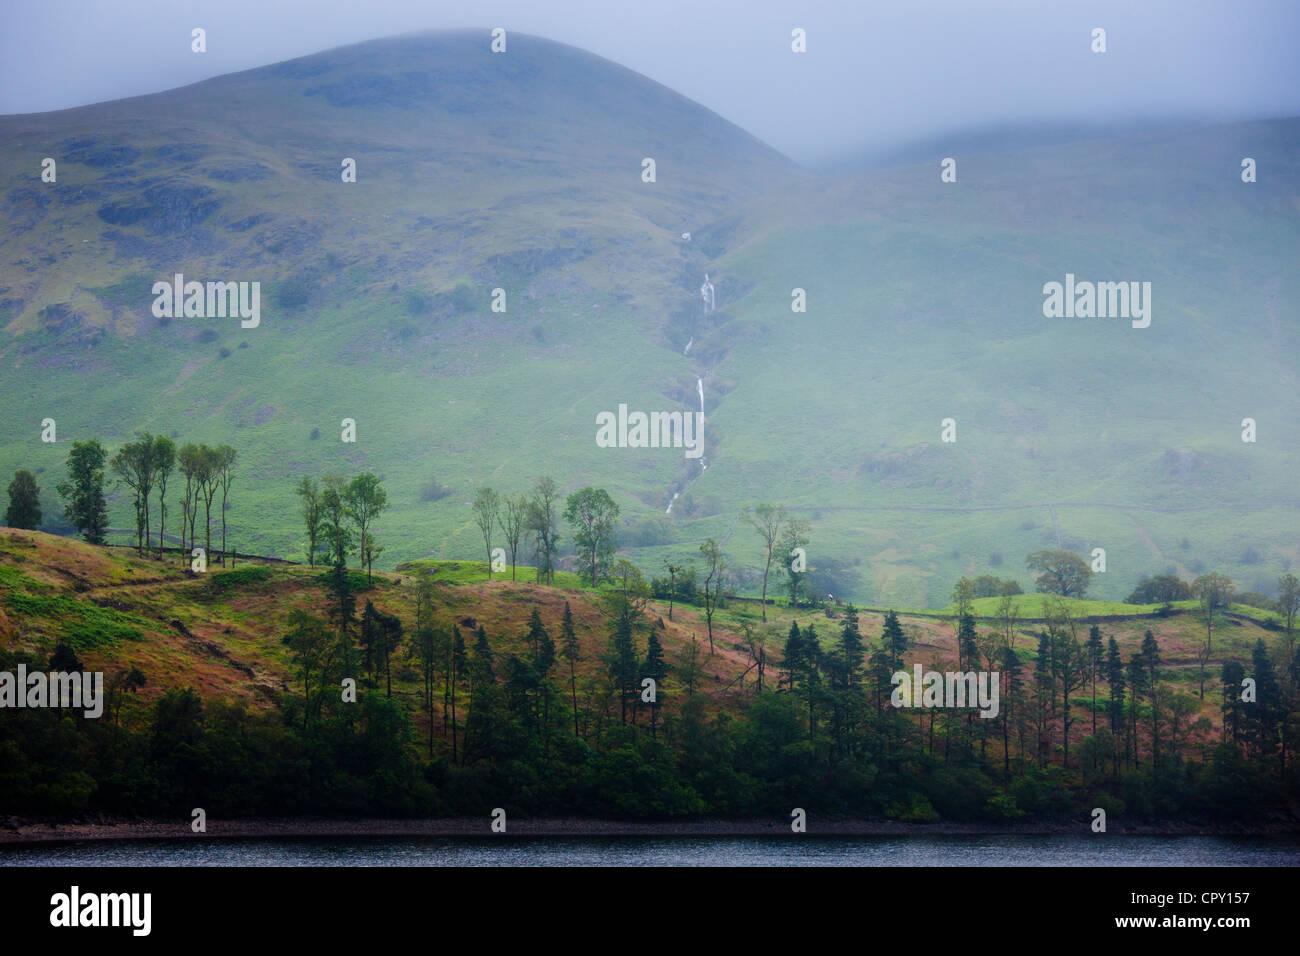 Ruisseau de montagne et lac Thirlmere réservoir dans le Parc National du Lake District, Cumbria, Royaume-Uni Banque D'Images